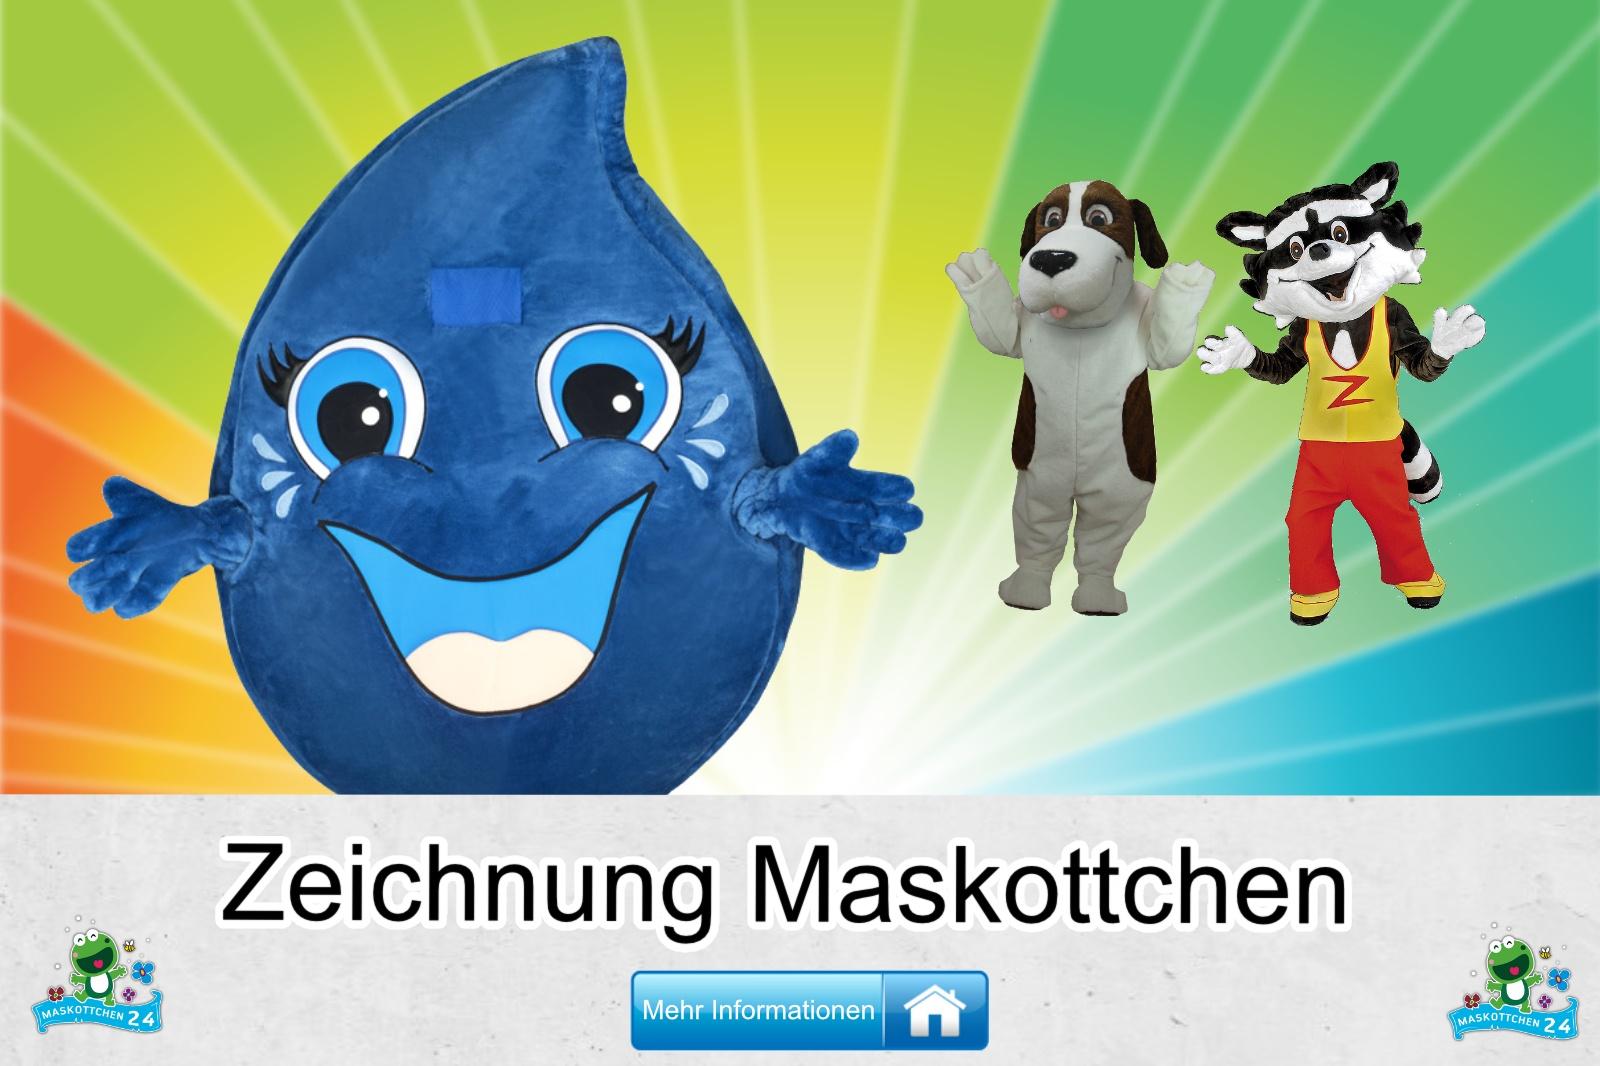 Zeichnung Maskottchen Kostüm kaufen, günstige Produktion / Herstellung